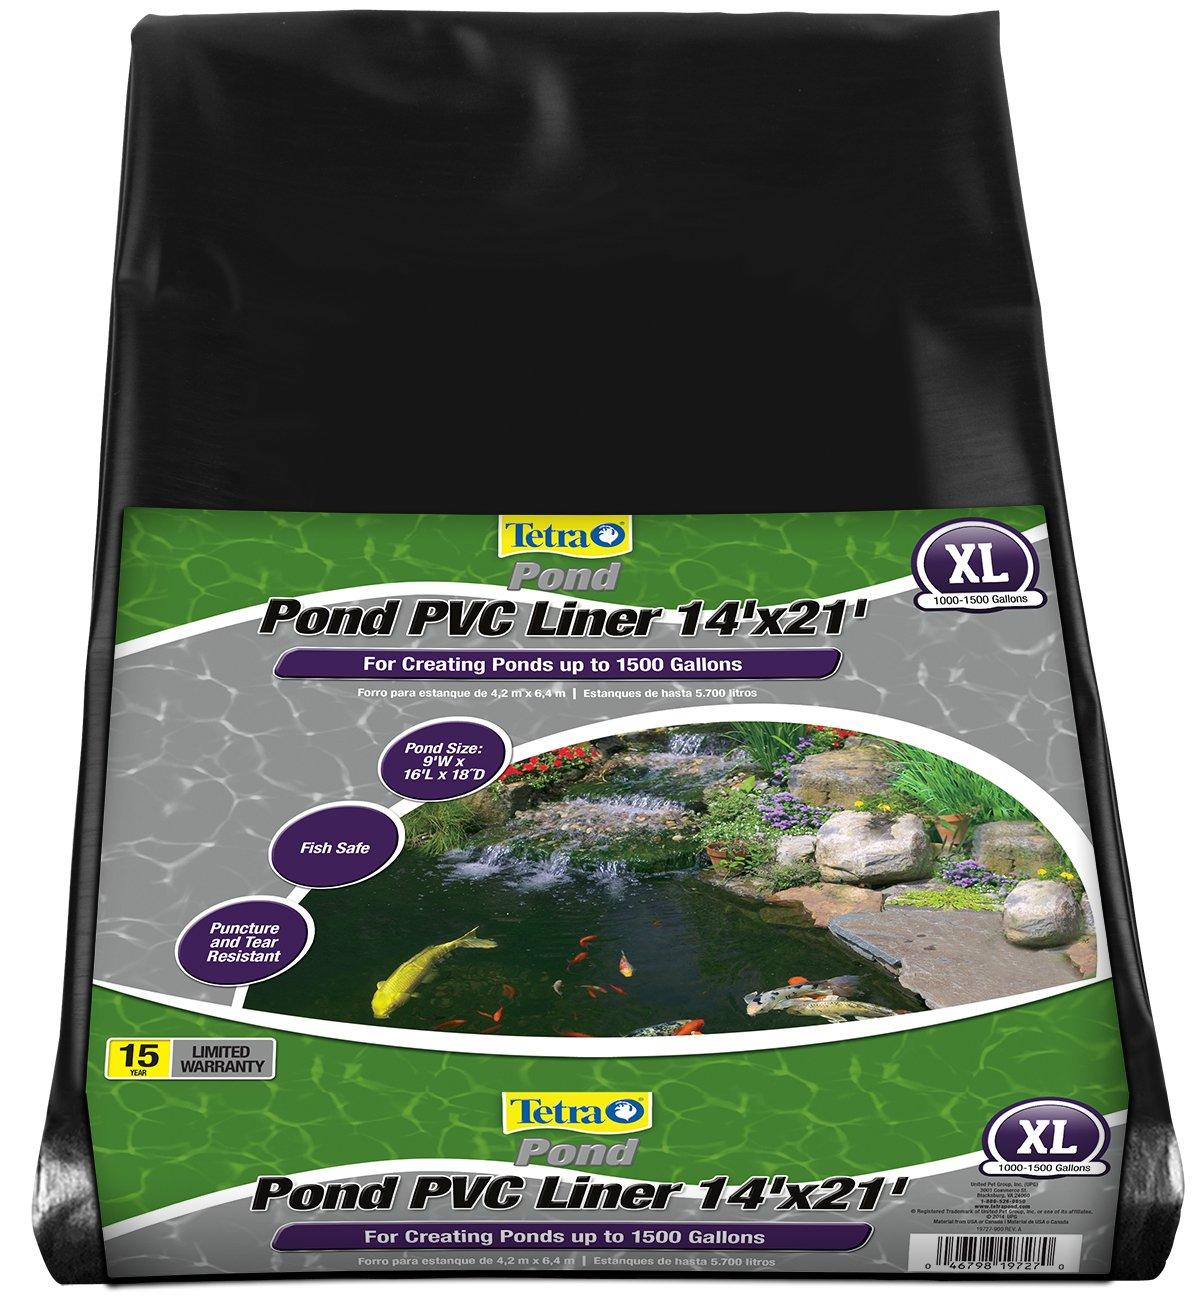 TetraPond Tear Resistant Pond PVC Liner, 14' x 21' by Tetra Pond